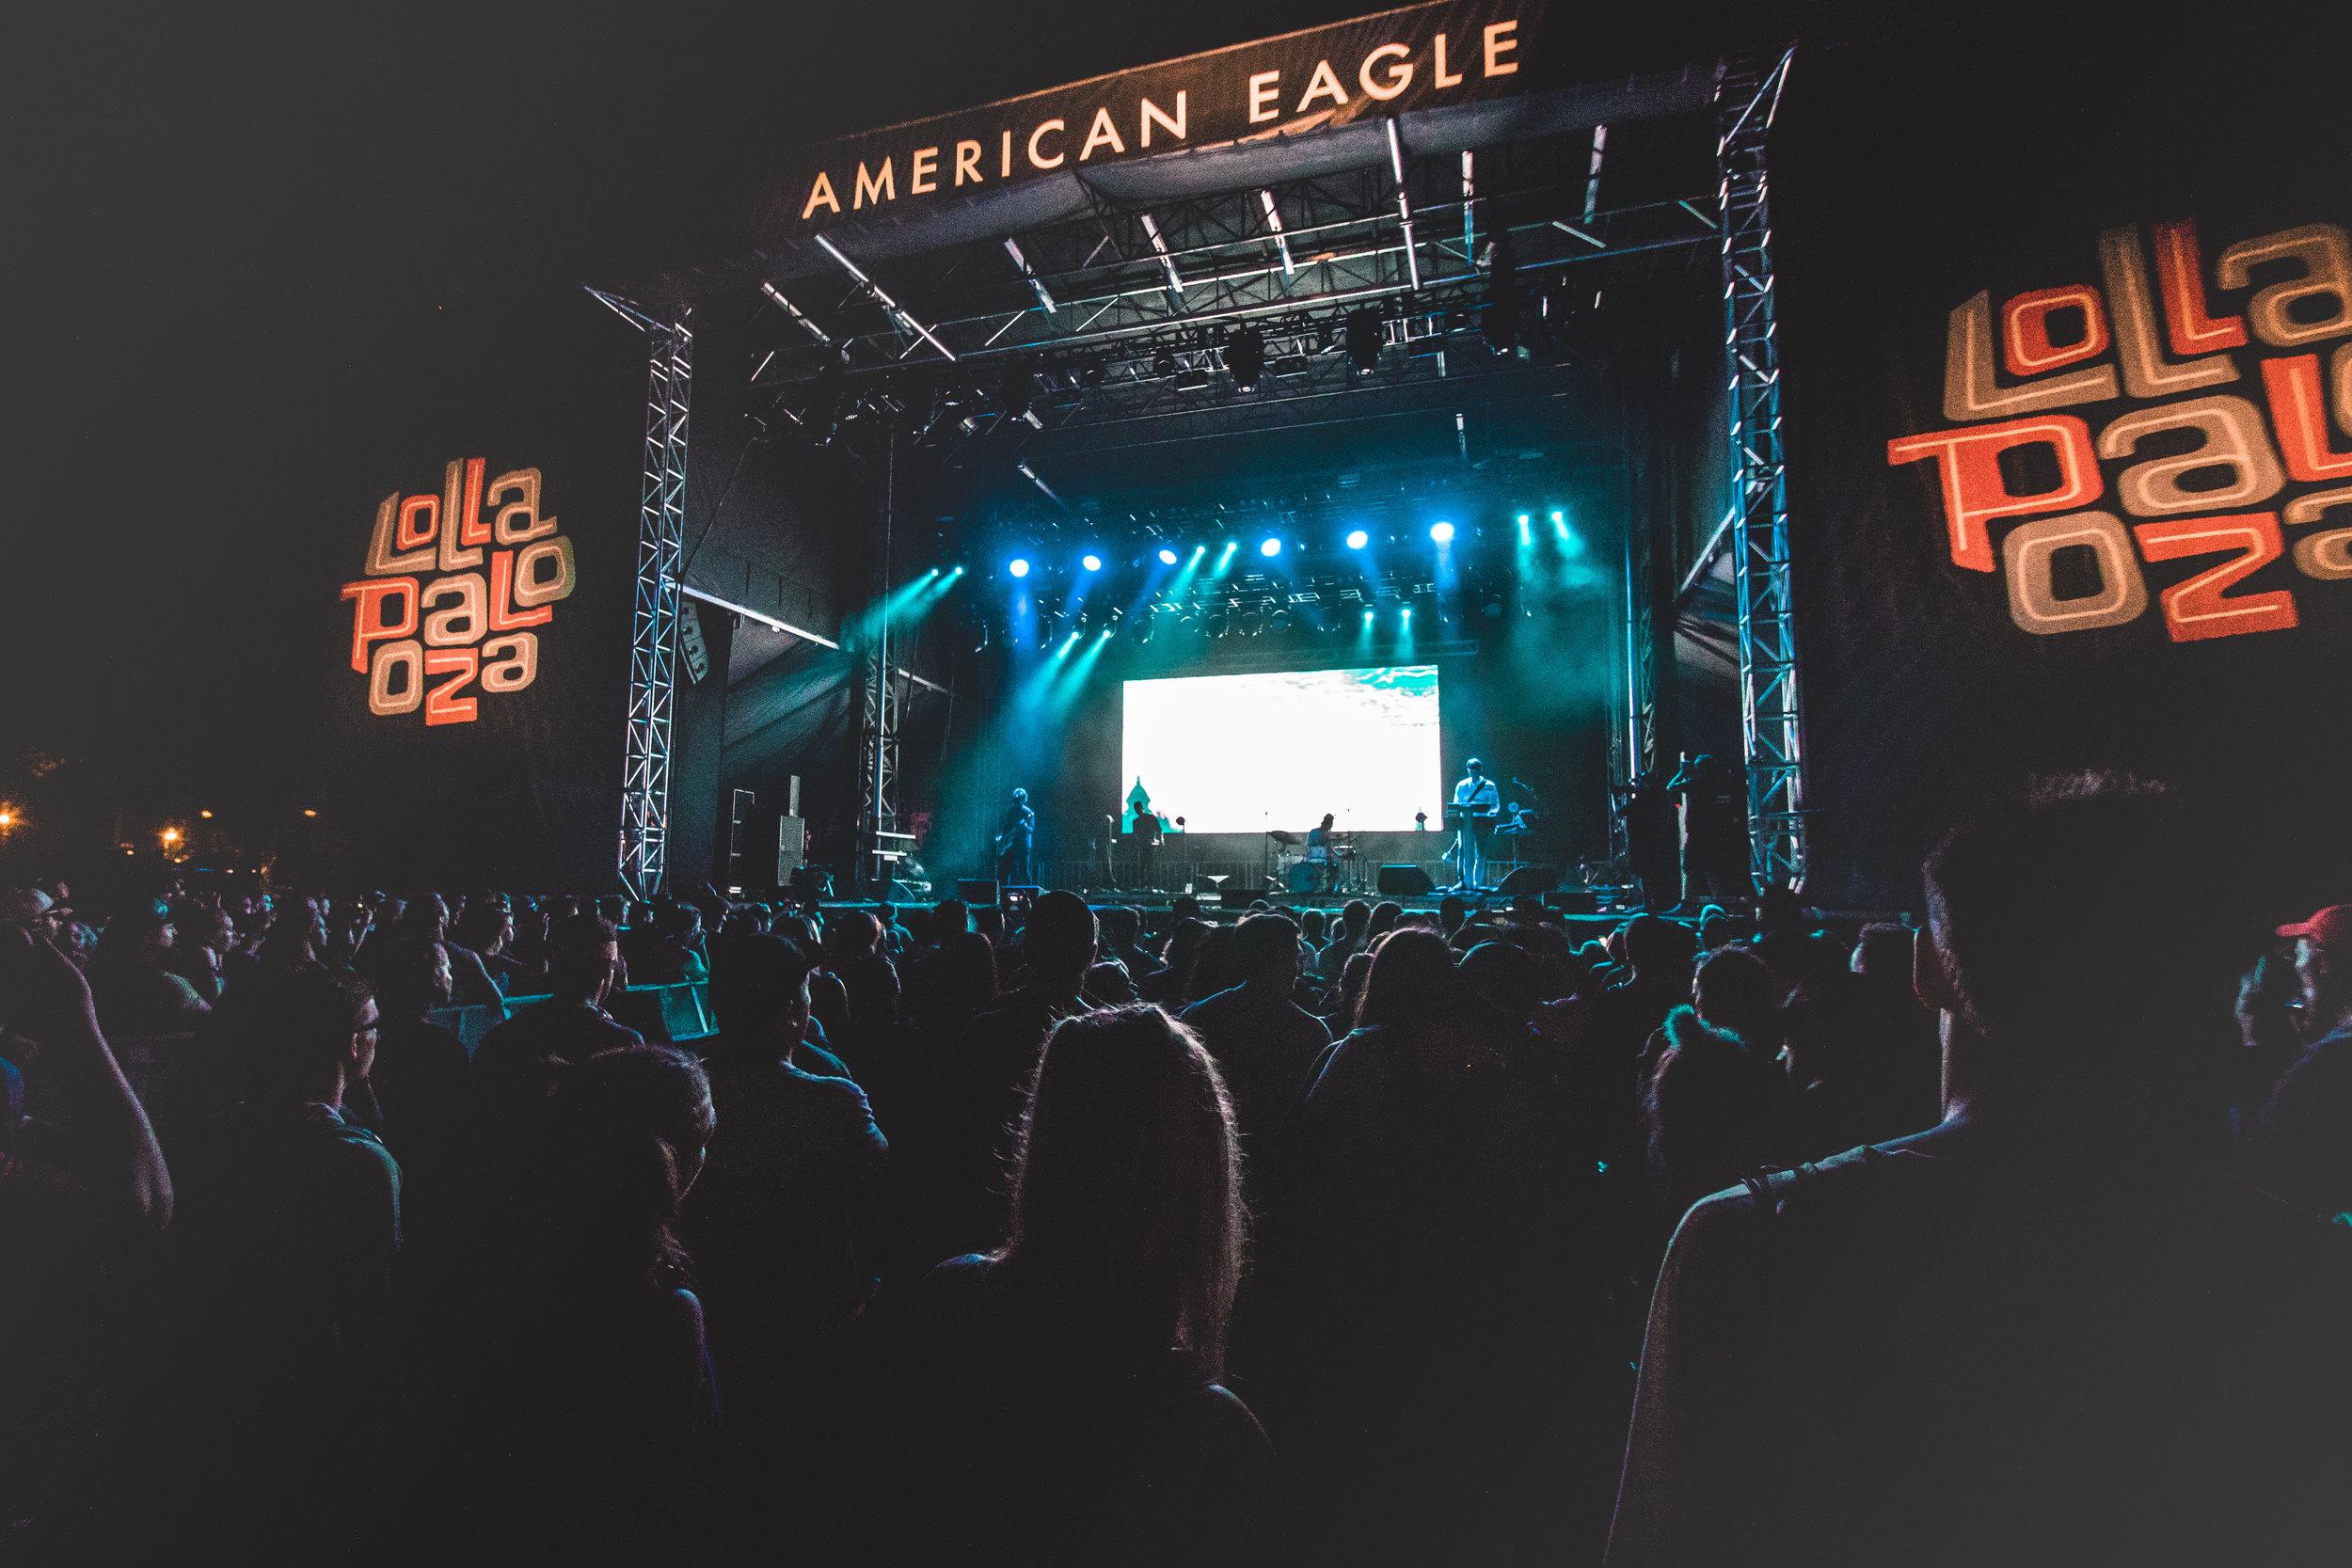 Tycho at Lollapalooza 2018